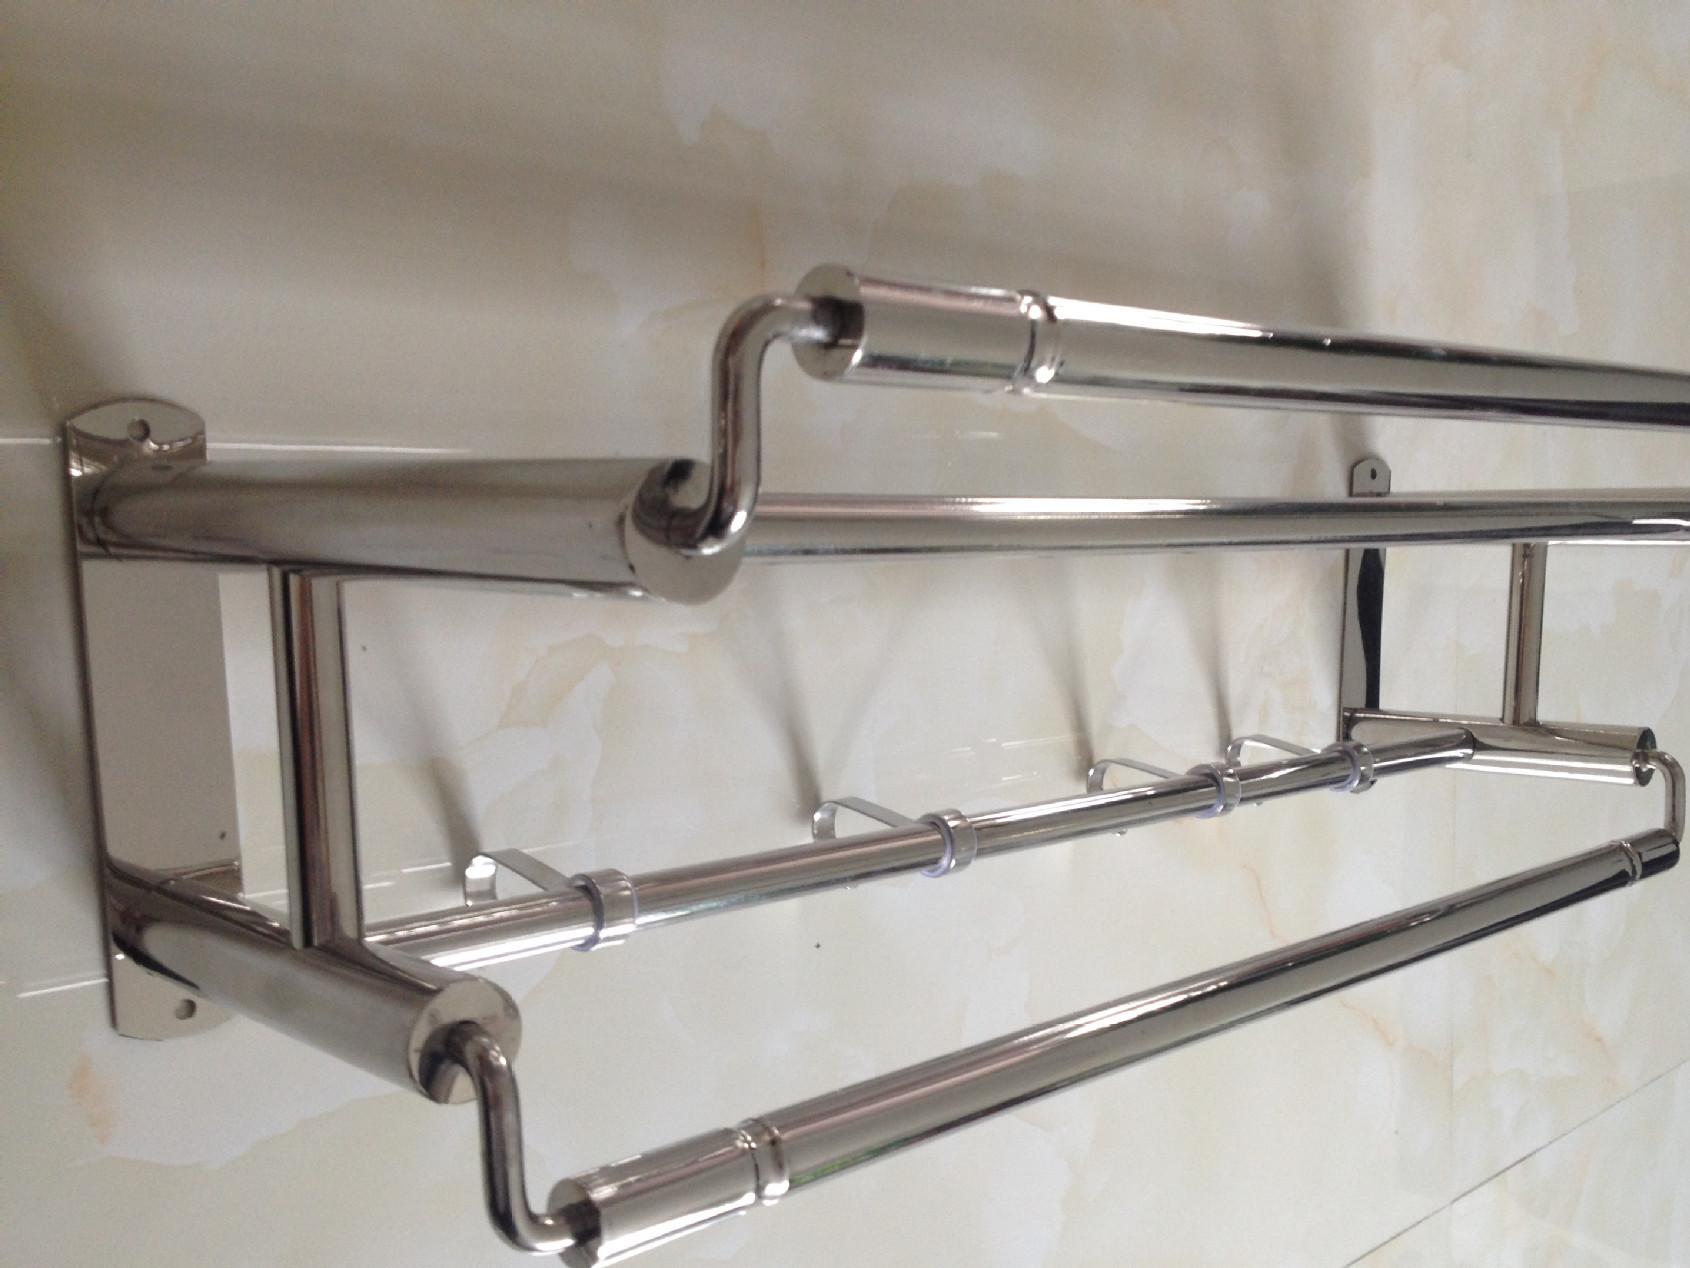 批发不锈钢单层浴巾架置物架 厨卫挂件浴室加宽加高不锈钢毛巾架